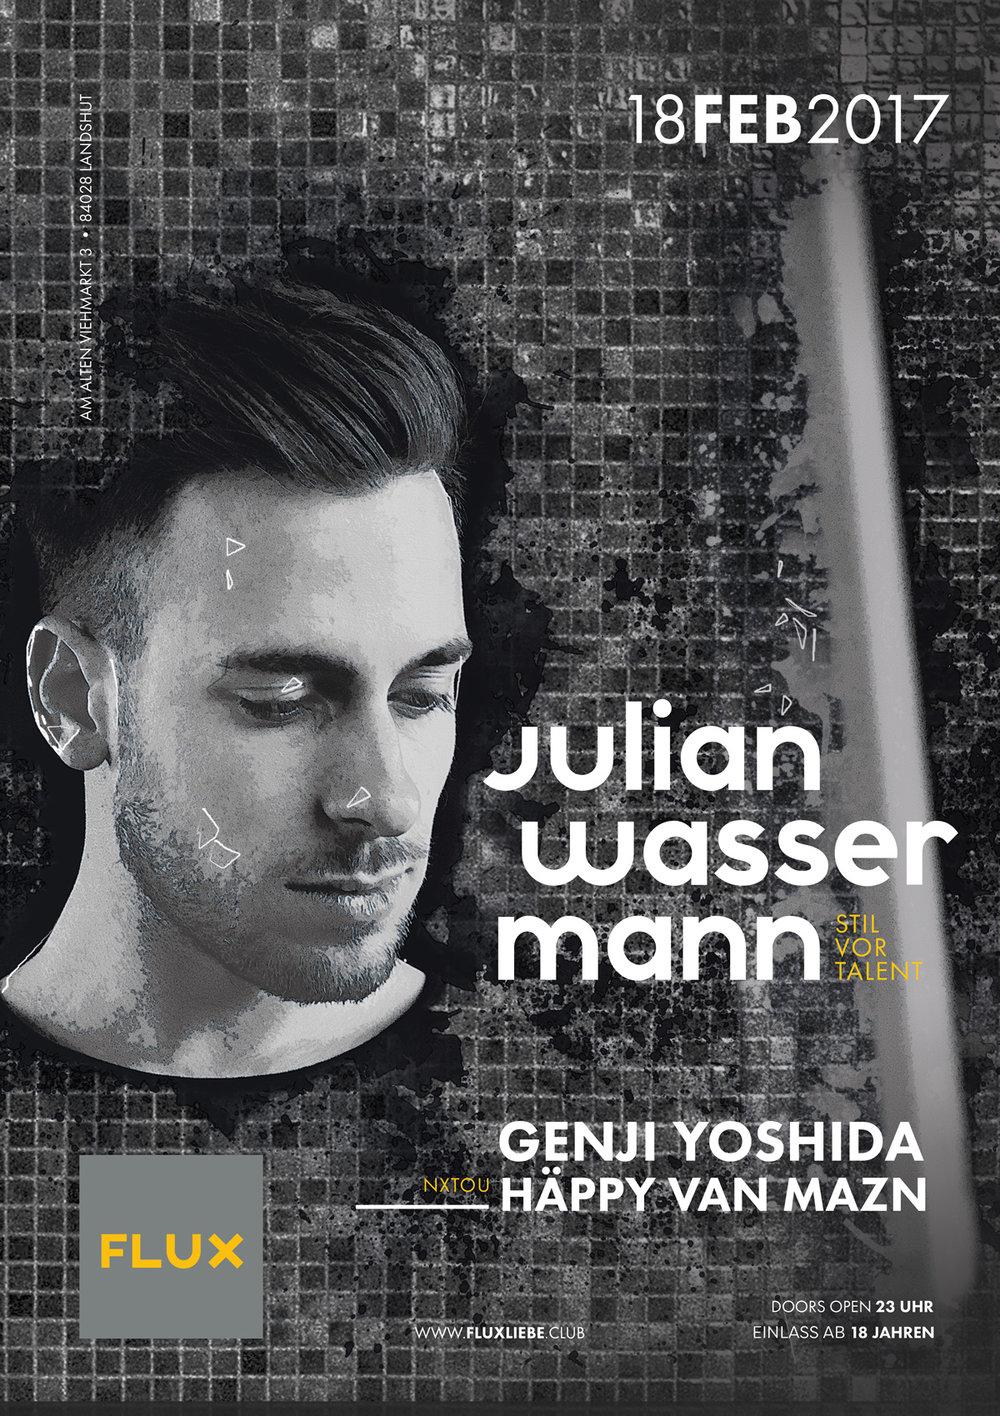 JulianWassermann_18FEB2017_WEB.jpg